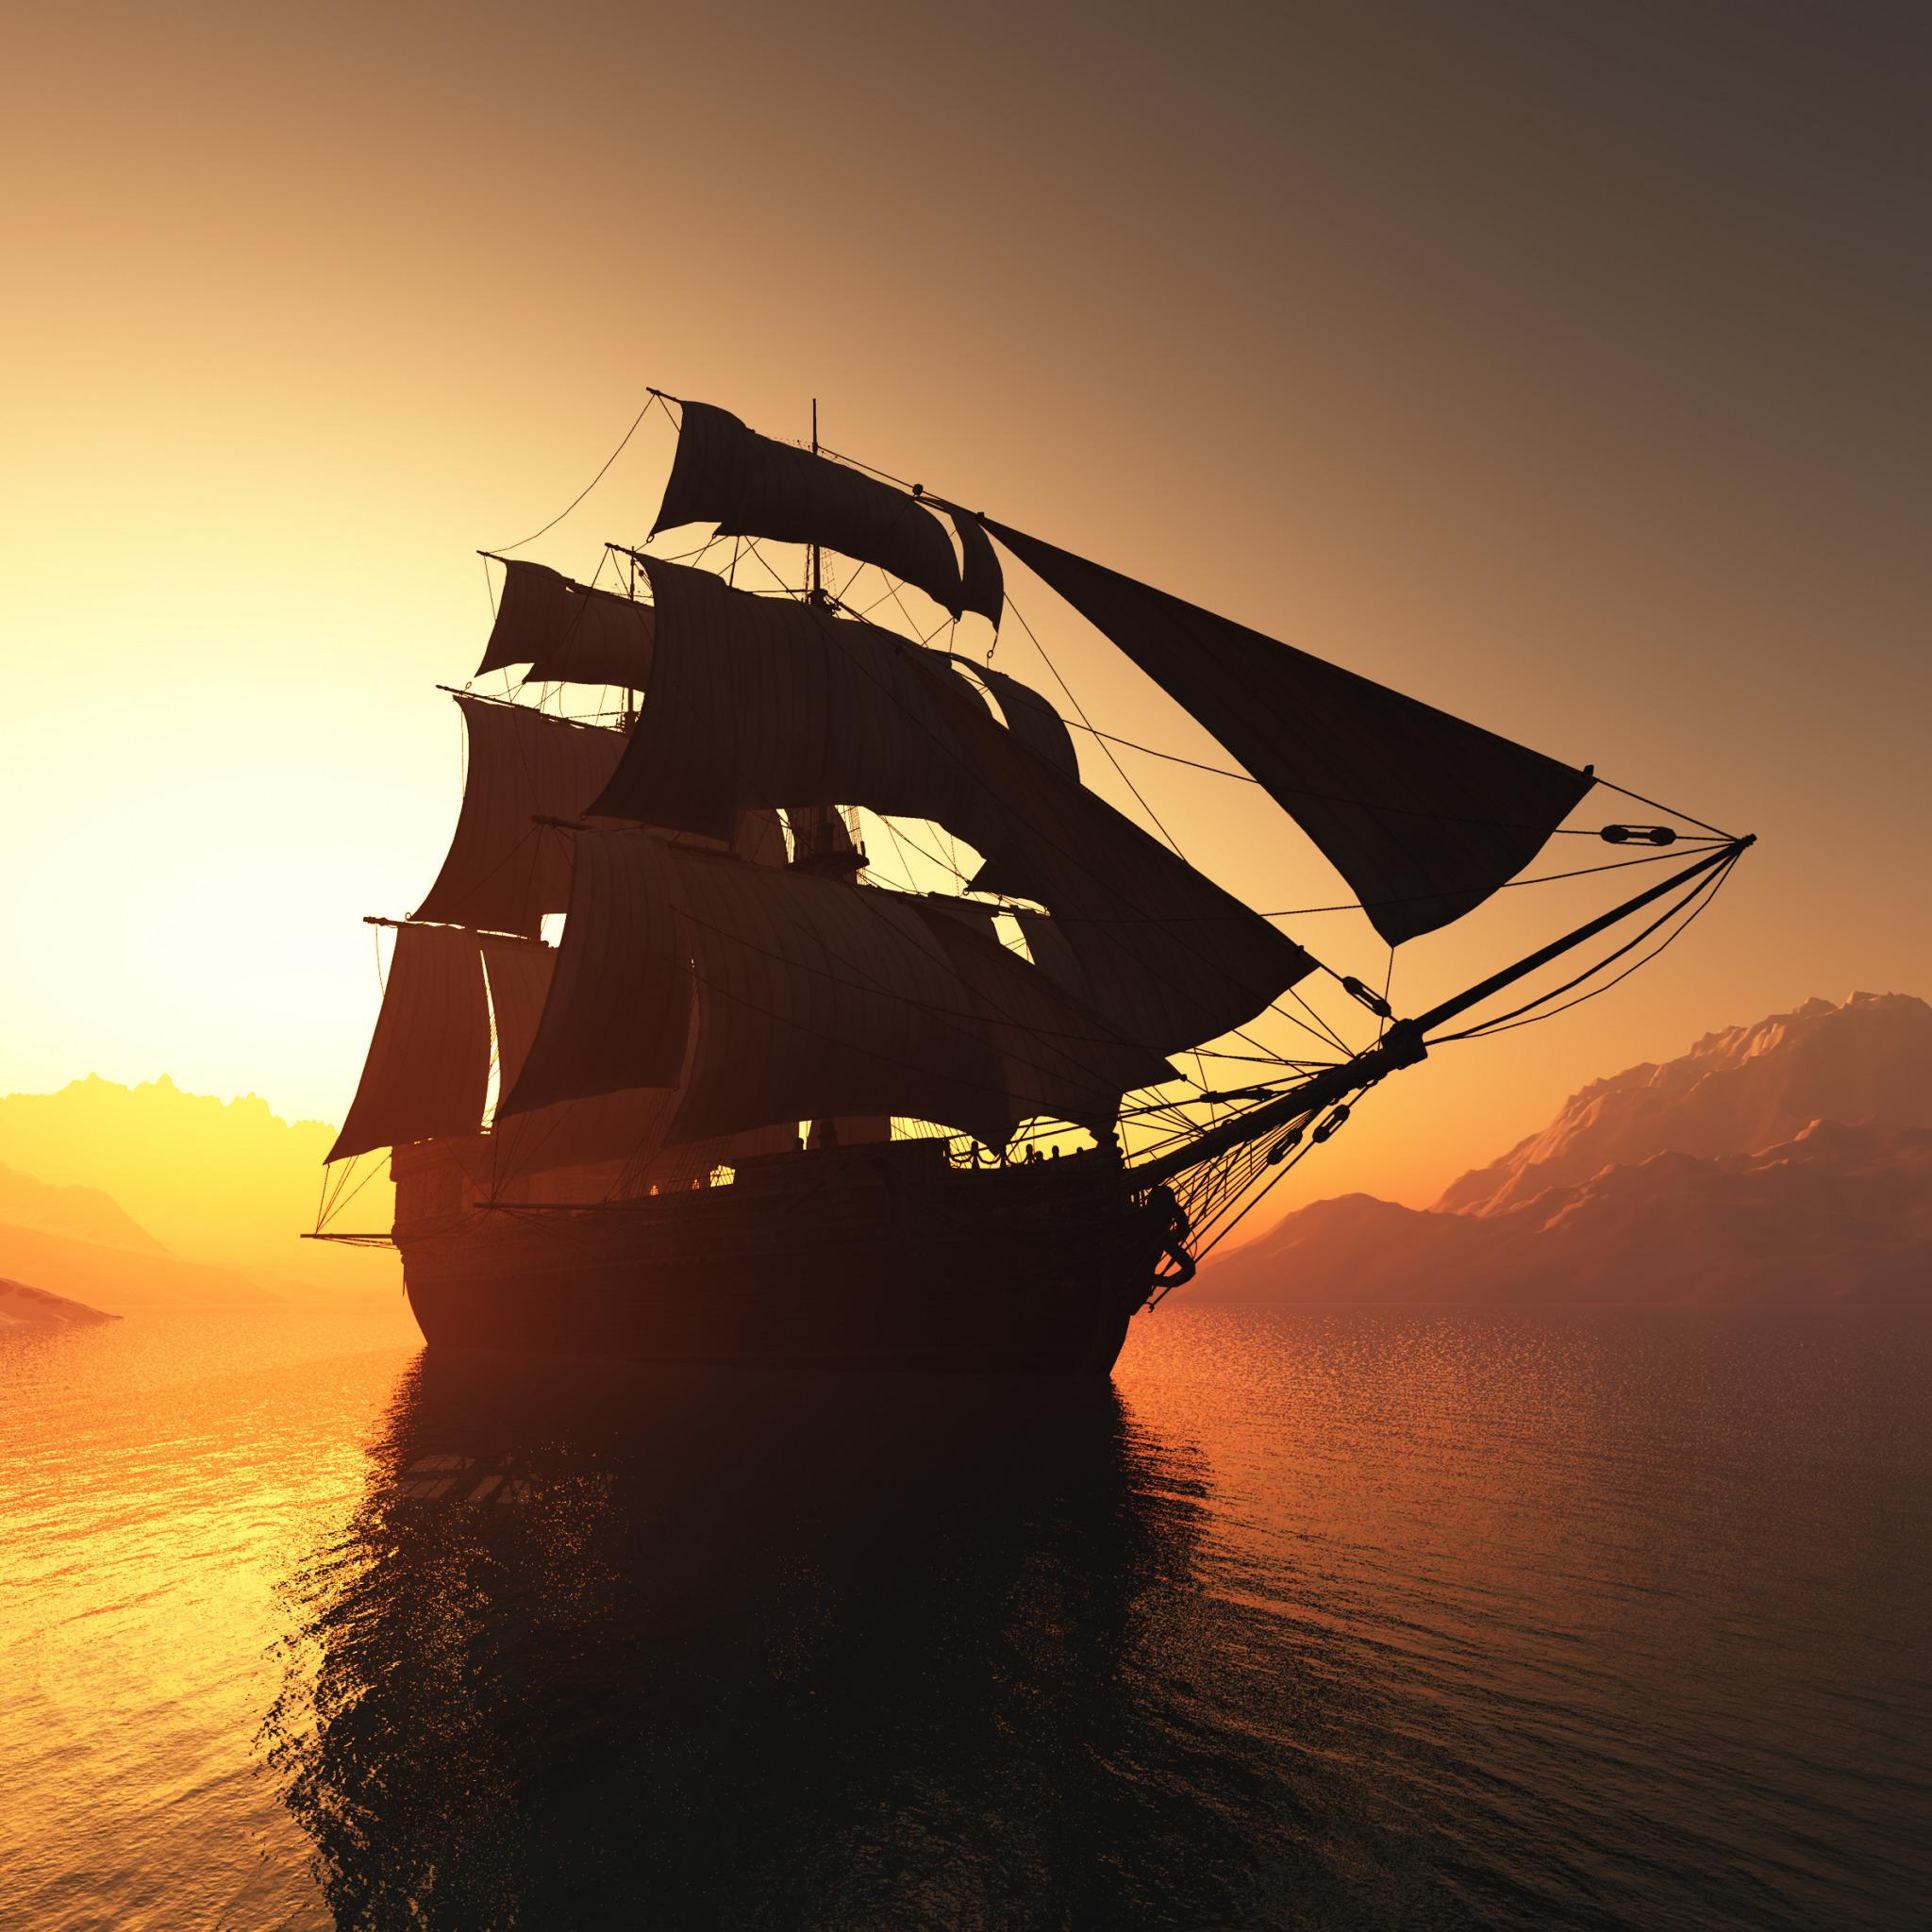 Поздравление к подарку корабль стихи